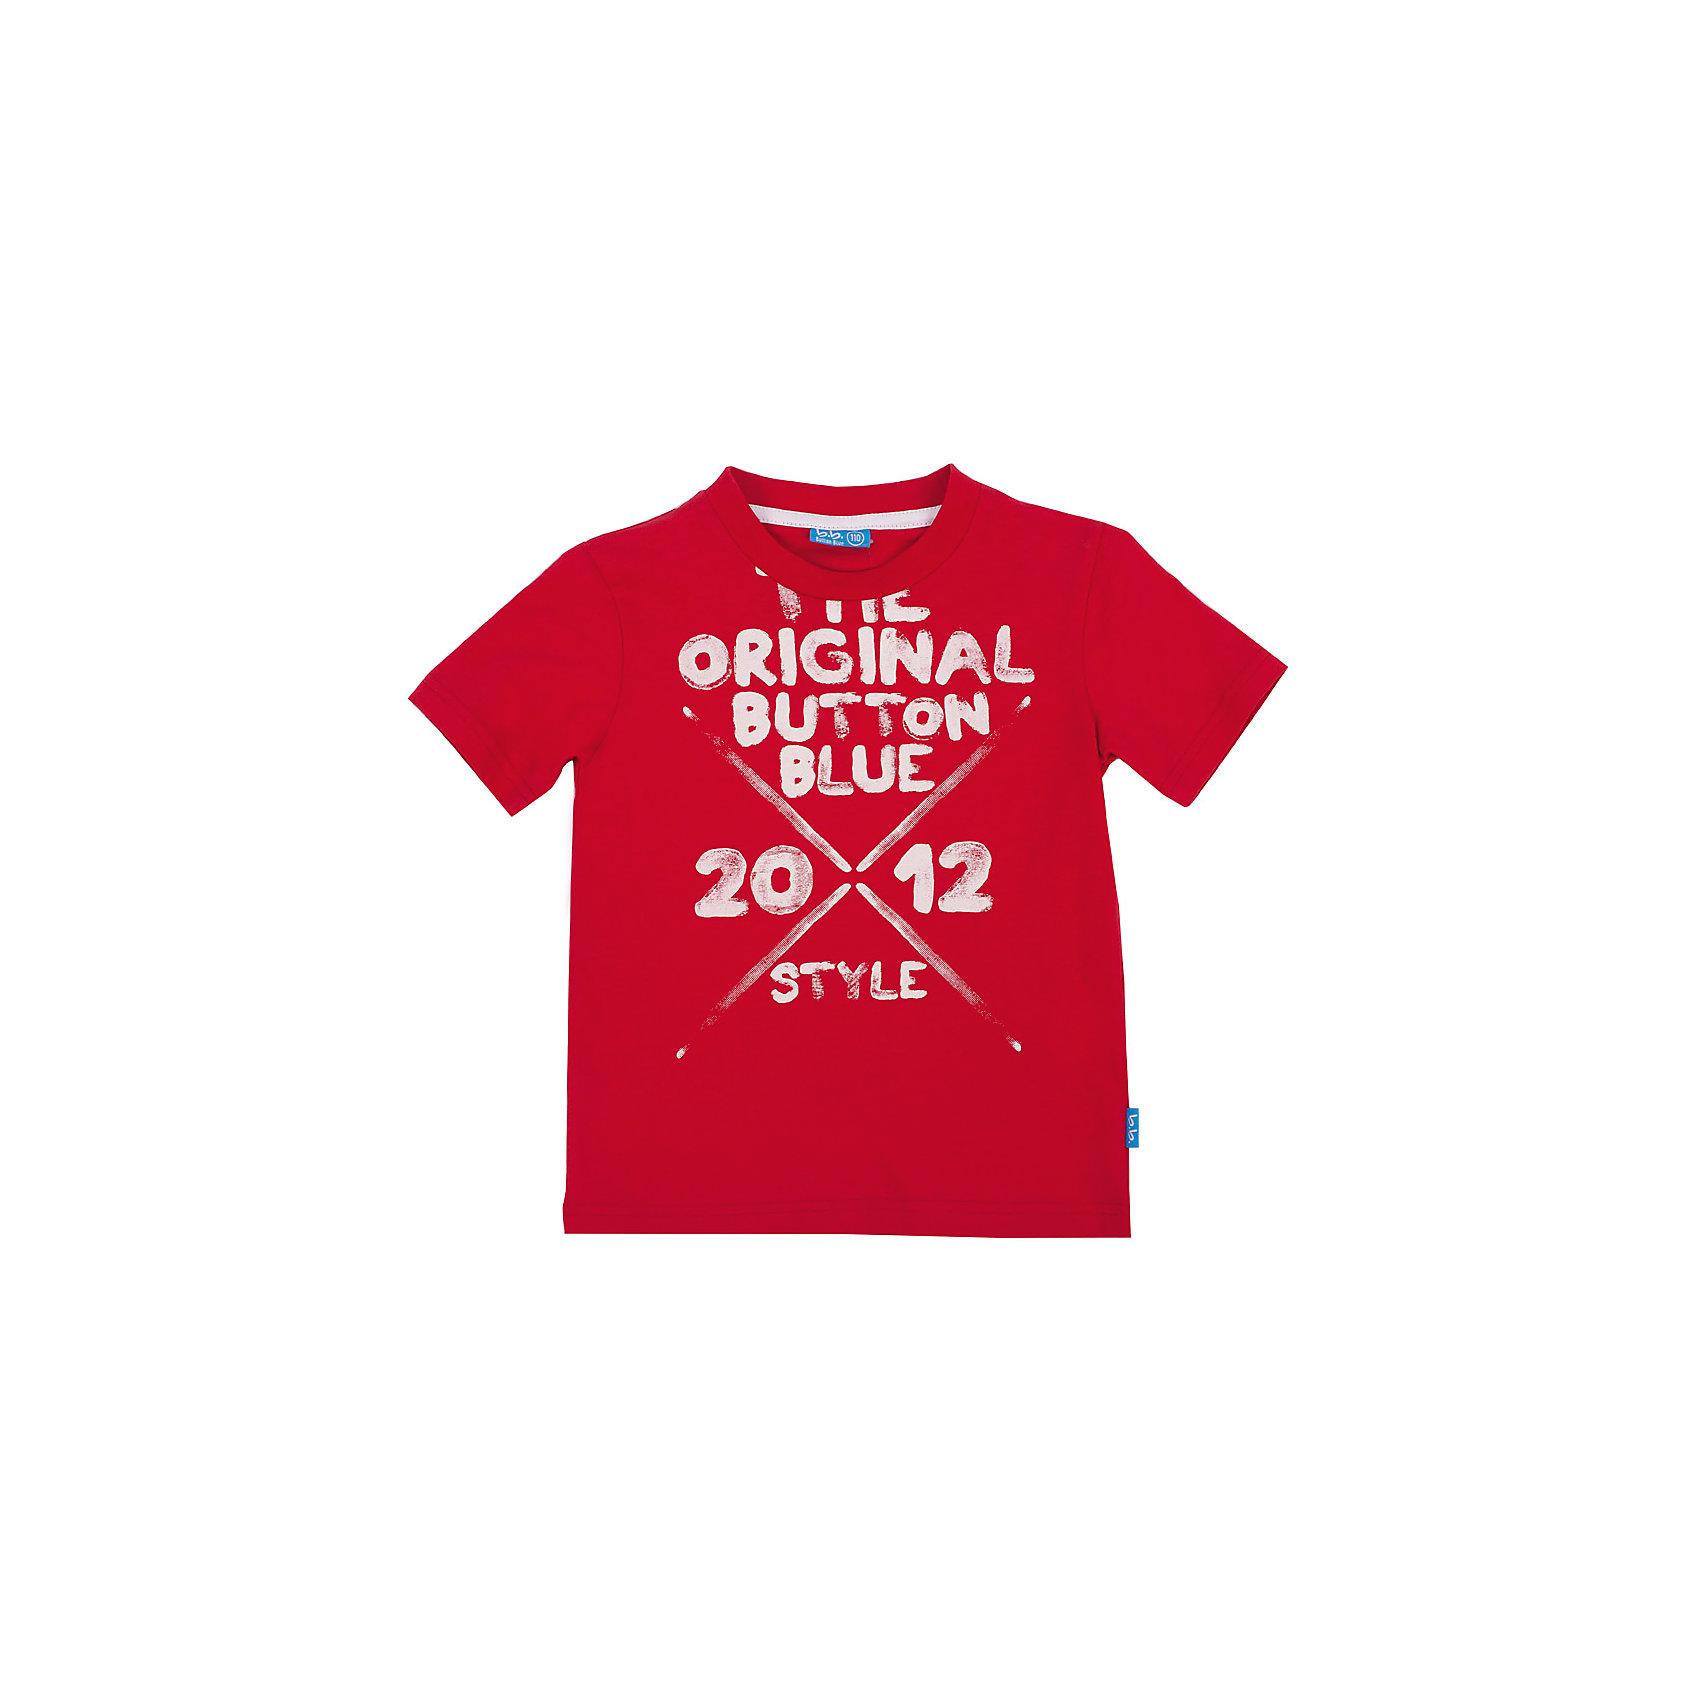 Футболка для мальчика Button BlueФутболки, поло и топы<br>Красная футболка с ярким принтом - не просто базовая вещь в гардеробе ребенка, а залог хорошего летнего настроения! Отличное качество и доступная цена прилагаются. Если вы решили купить недорогую футболку для мальчика, выберете модель футболки с оригинальным принтом, и ваш ребенок будет доволен!<br>Состав:<br>100% хлопок<br><br>Ширина мм: 199<br>Глубина мм: 10<br>Высота мм: 161<br>Вес г: 151<br>Цвет: красный<br>Возраст от месяцев: 36<br>Возраст до месяцев: 48<br>Пол: Мужской<br>Возраст: Детский<br>Размер: 104,98,146,152,158,134,110,116,128,140,122<br>SKU: 4510150